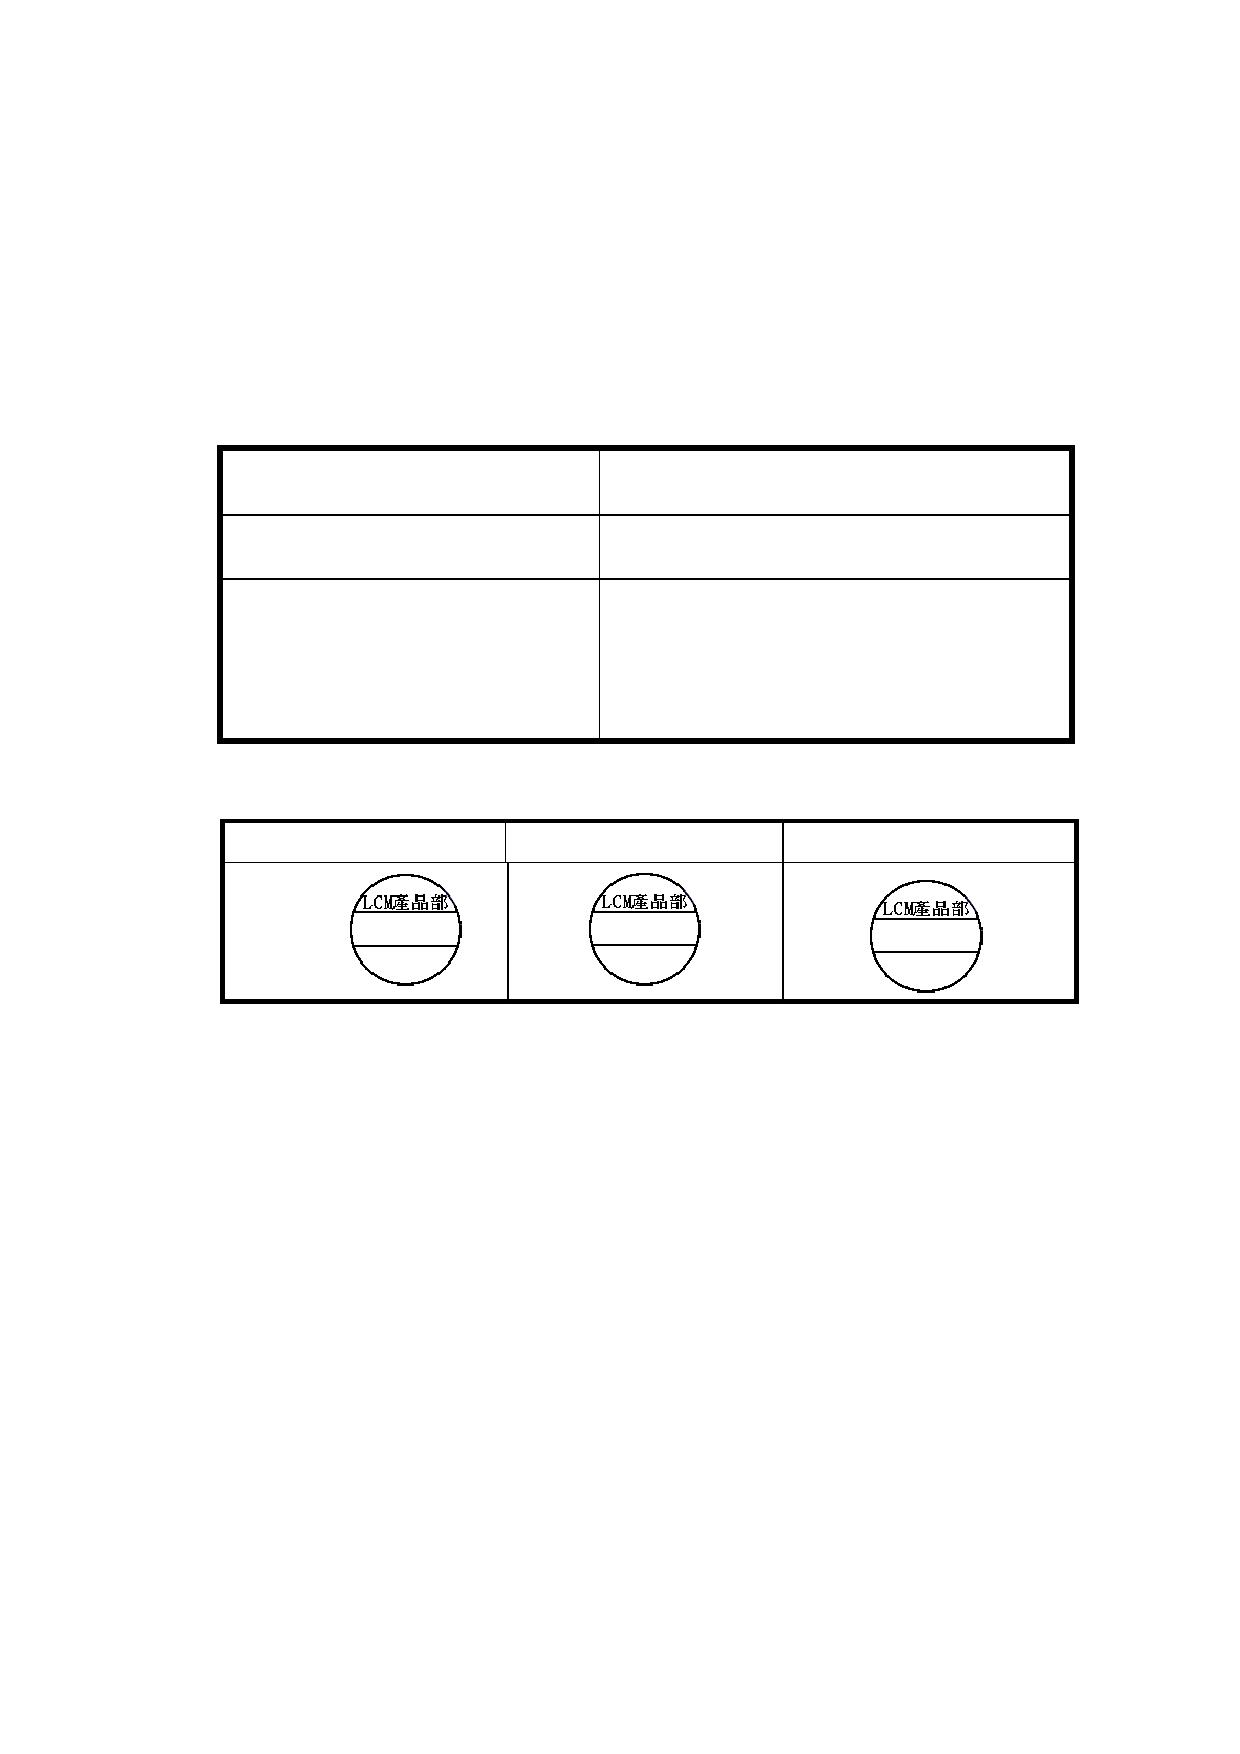 I3505-6HMT3224A دیتاشیت PDF